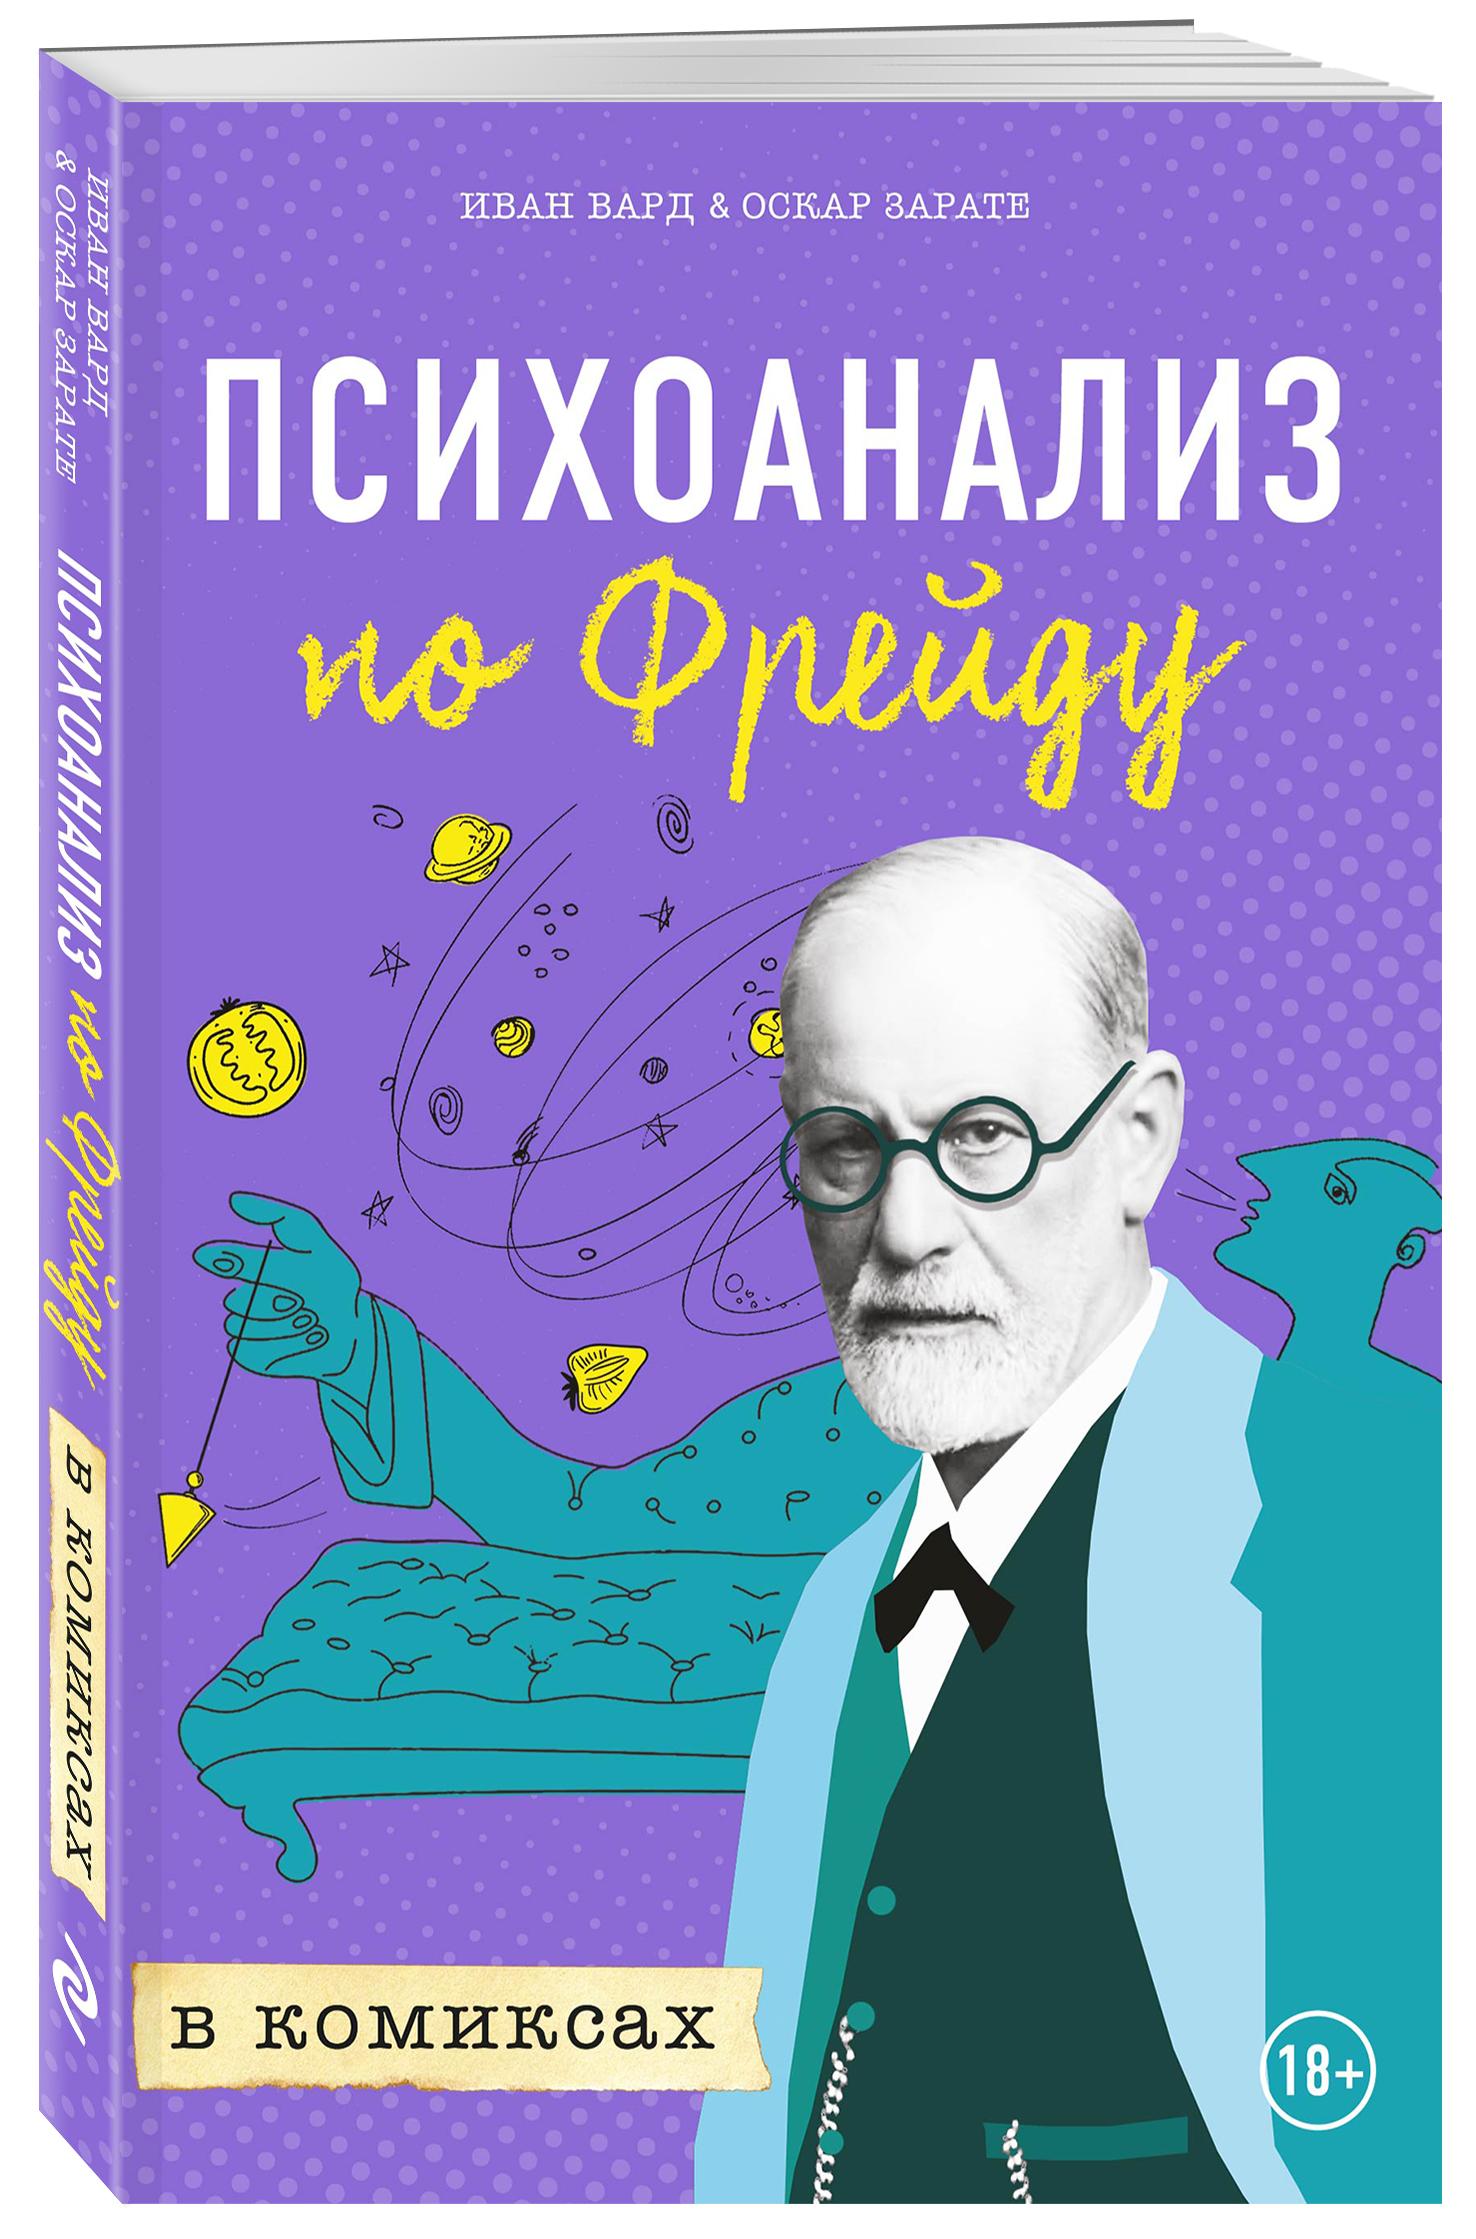 Психоанализ по Фрейду в комиксах ( Зарате Оскар, Вард Иван  )